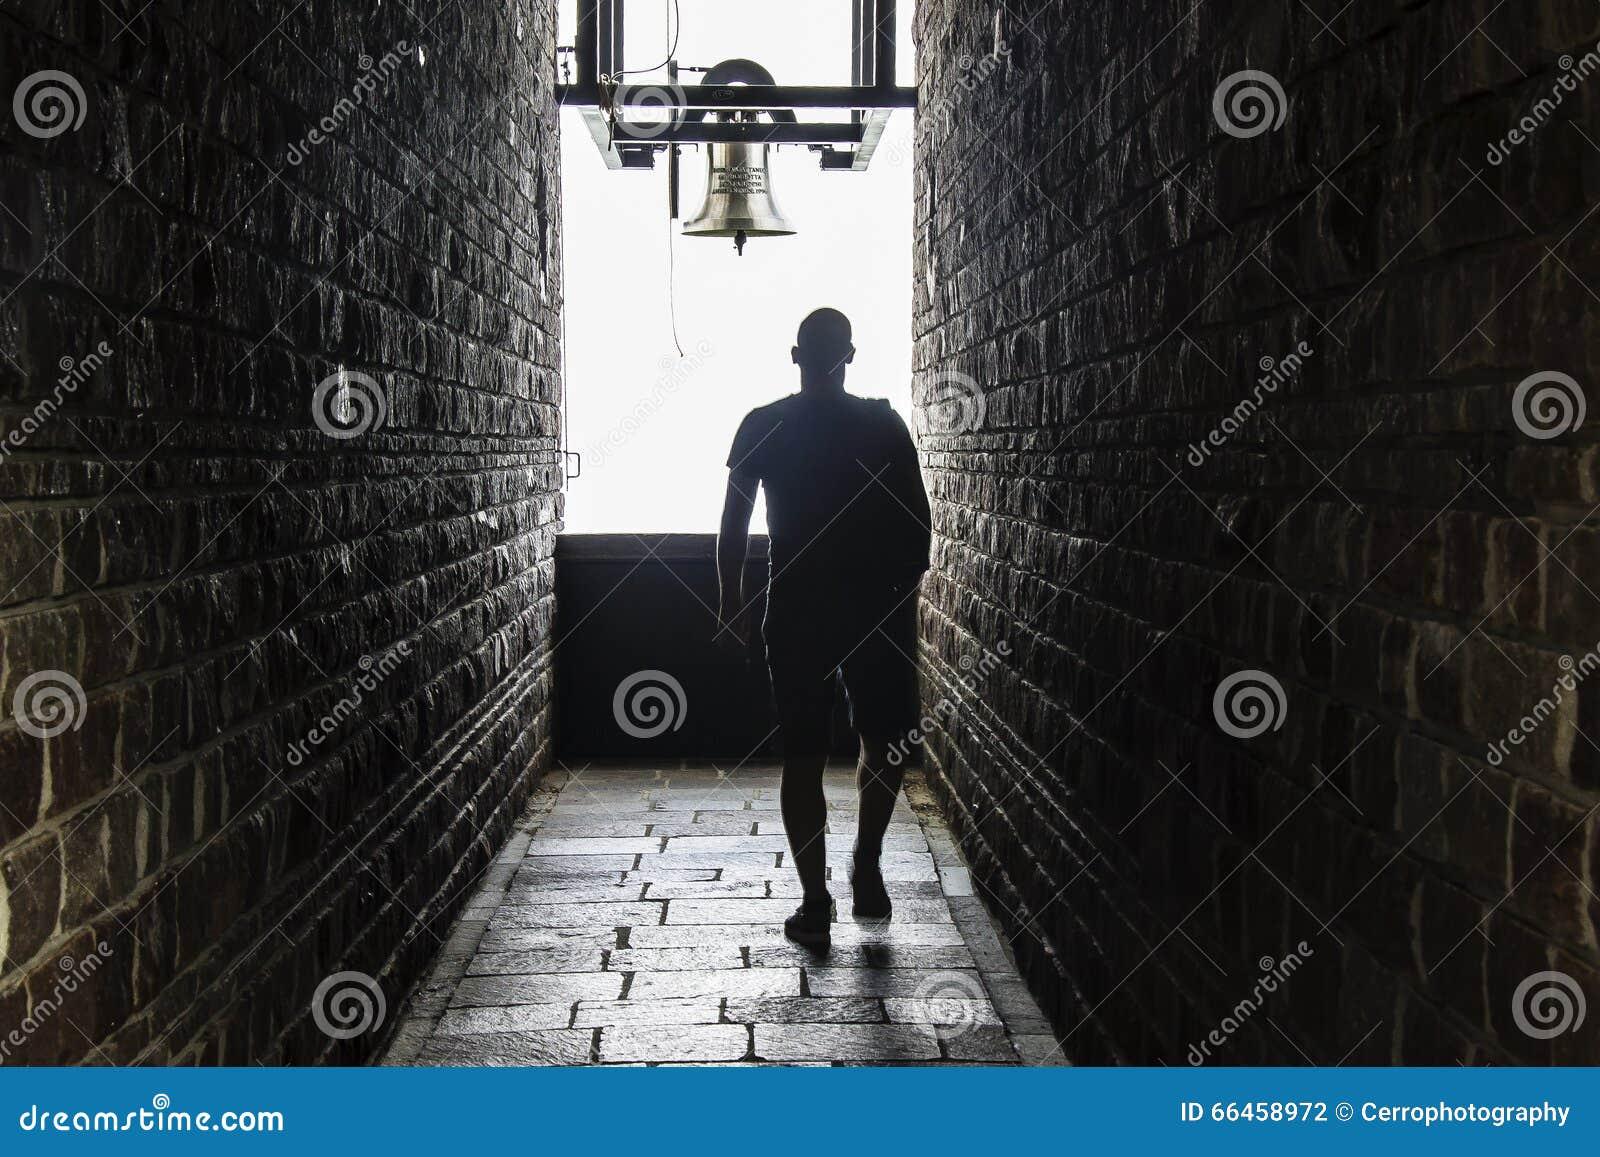 Een mens loopt in een donkere tunnel, maar een licht toont aan het eind